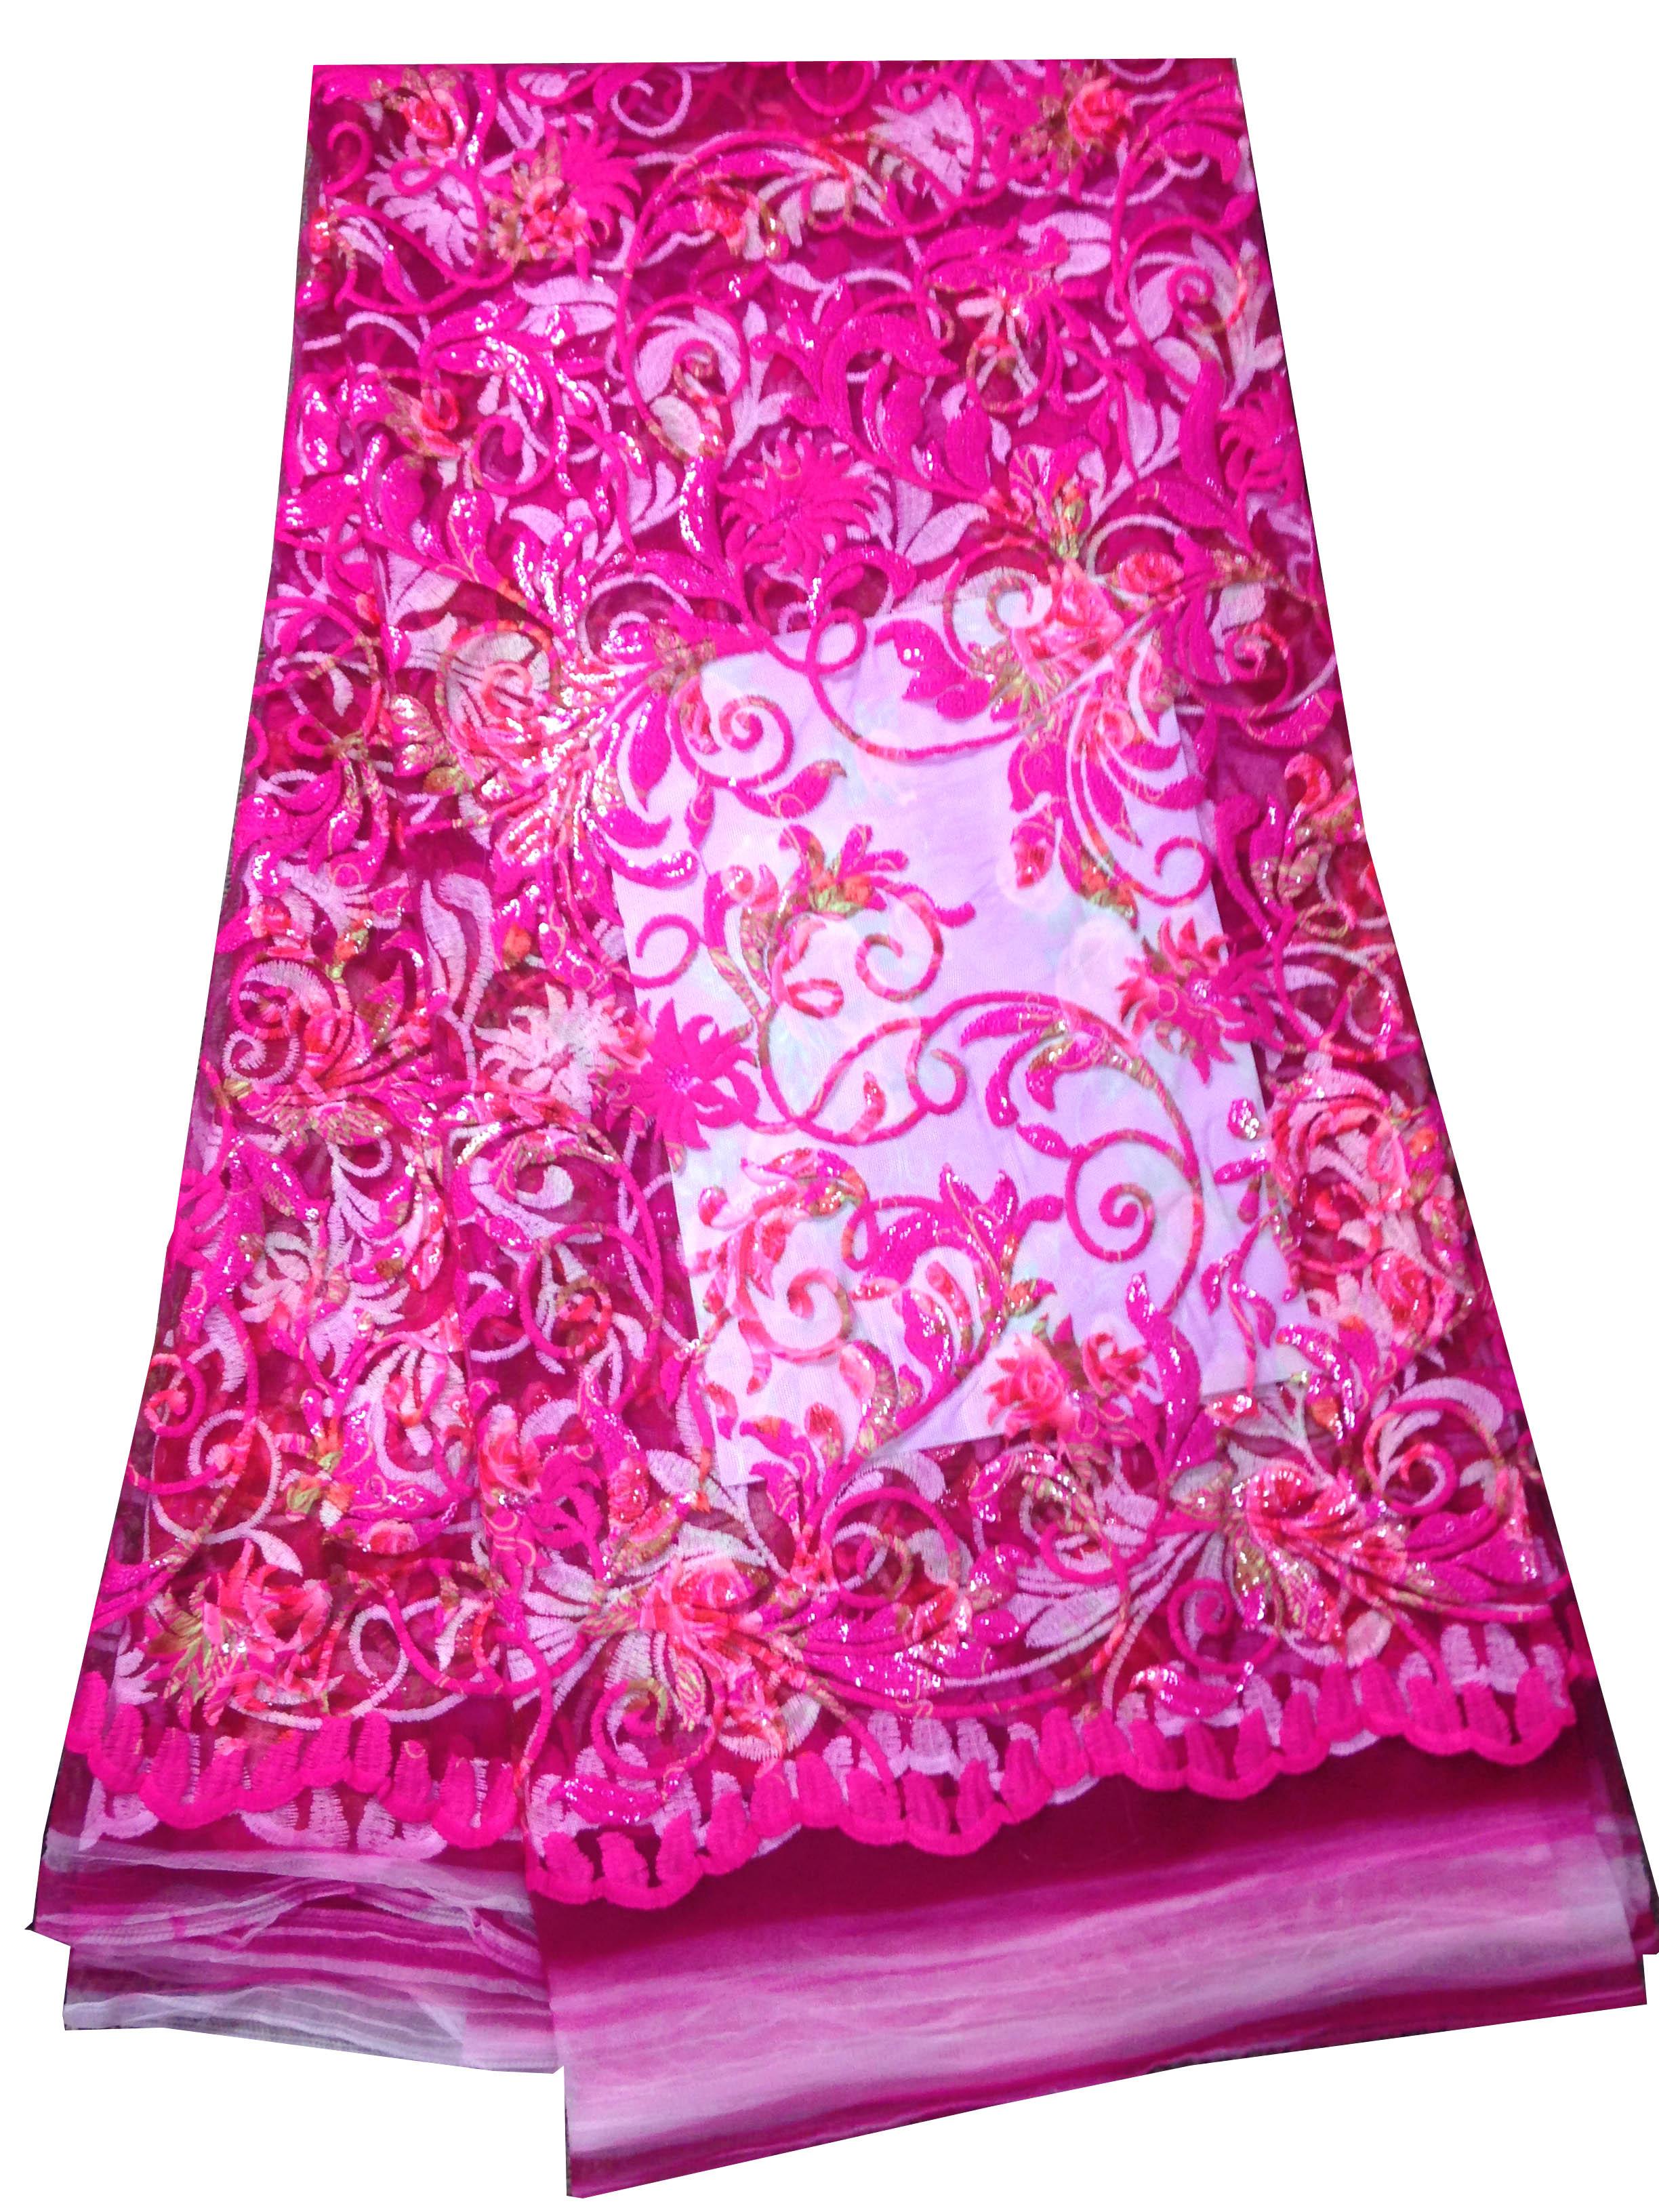 2018 Новое поступление в нигерийском стиле красивые водорастворимые Блестки ткань модные яркие красивые африканский шнурок для свадьбы VSC173